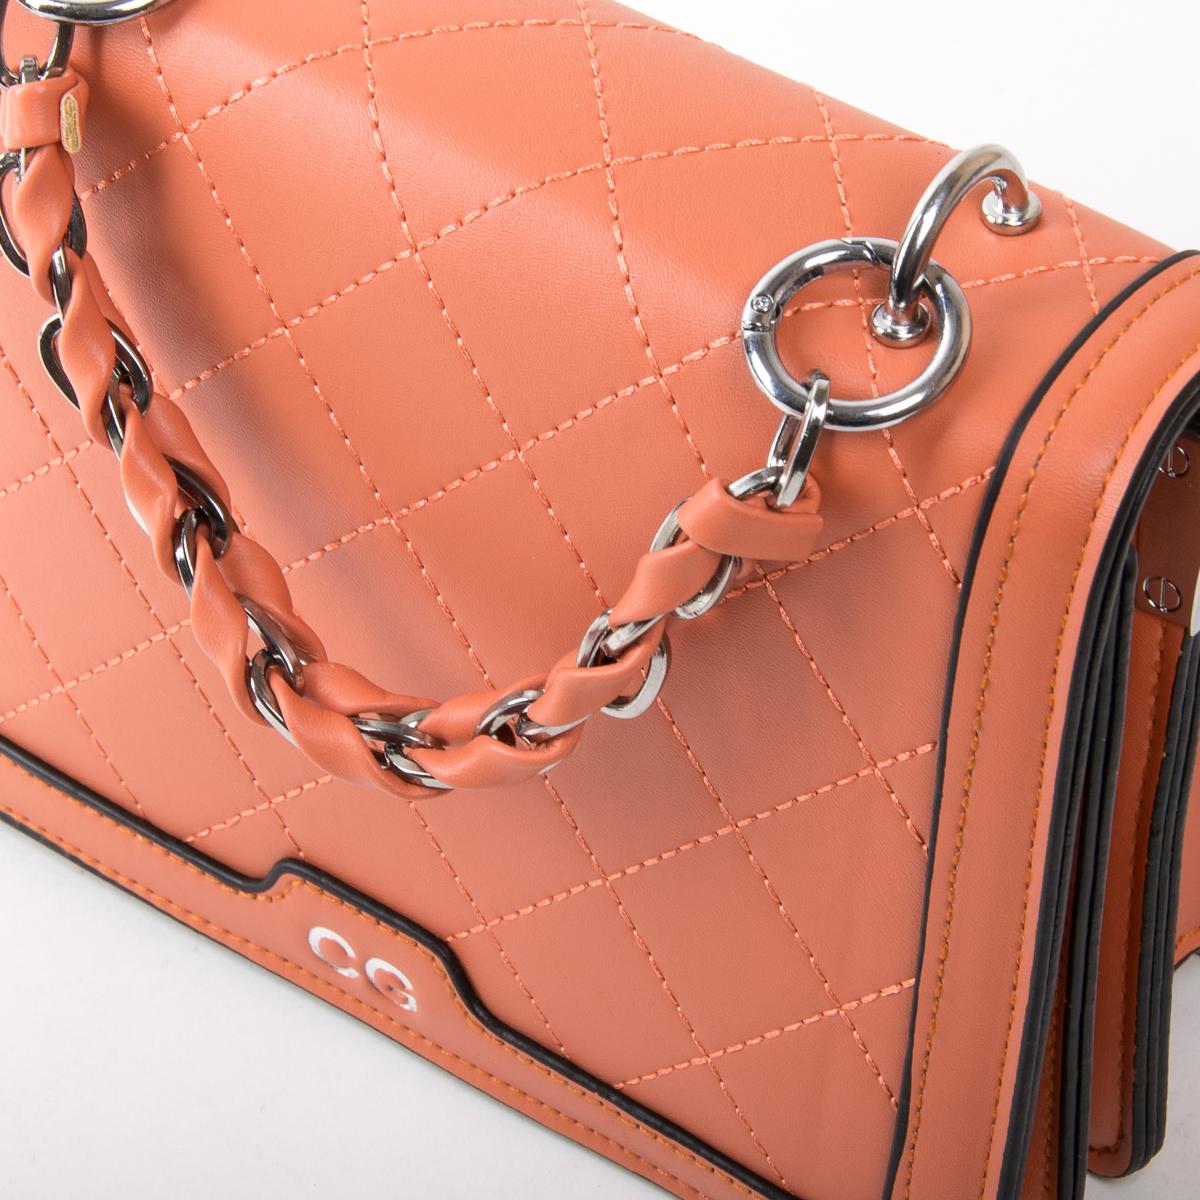 Сумка Женская Классическая иск-кожа FASHION 01-04 18576 orange - фото 3